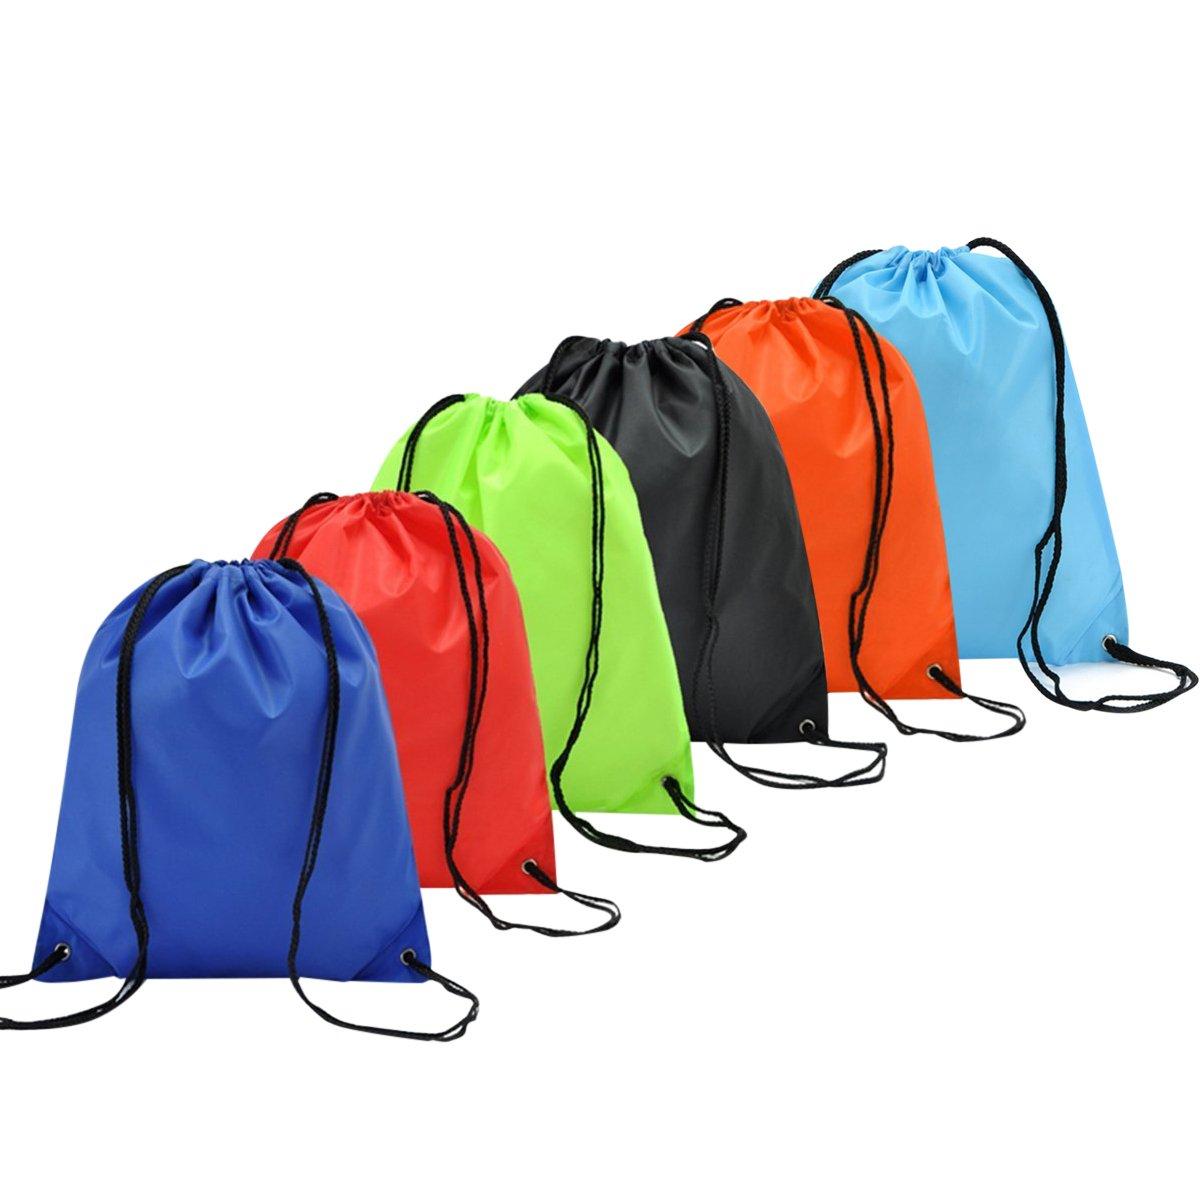 6 Pack Zaino Borse Da Viaggio Borsa Morbida Coolzon® Sacca da Ginnastica di Nylon Sacchetto Portatile Pieghevole a Spalla Per Palestra Drawstring Bag Gymsack 10479479